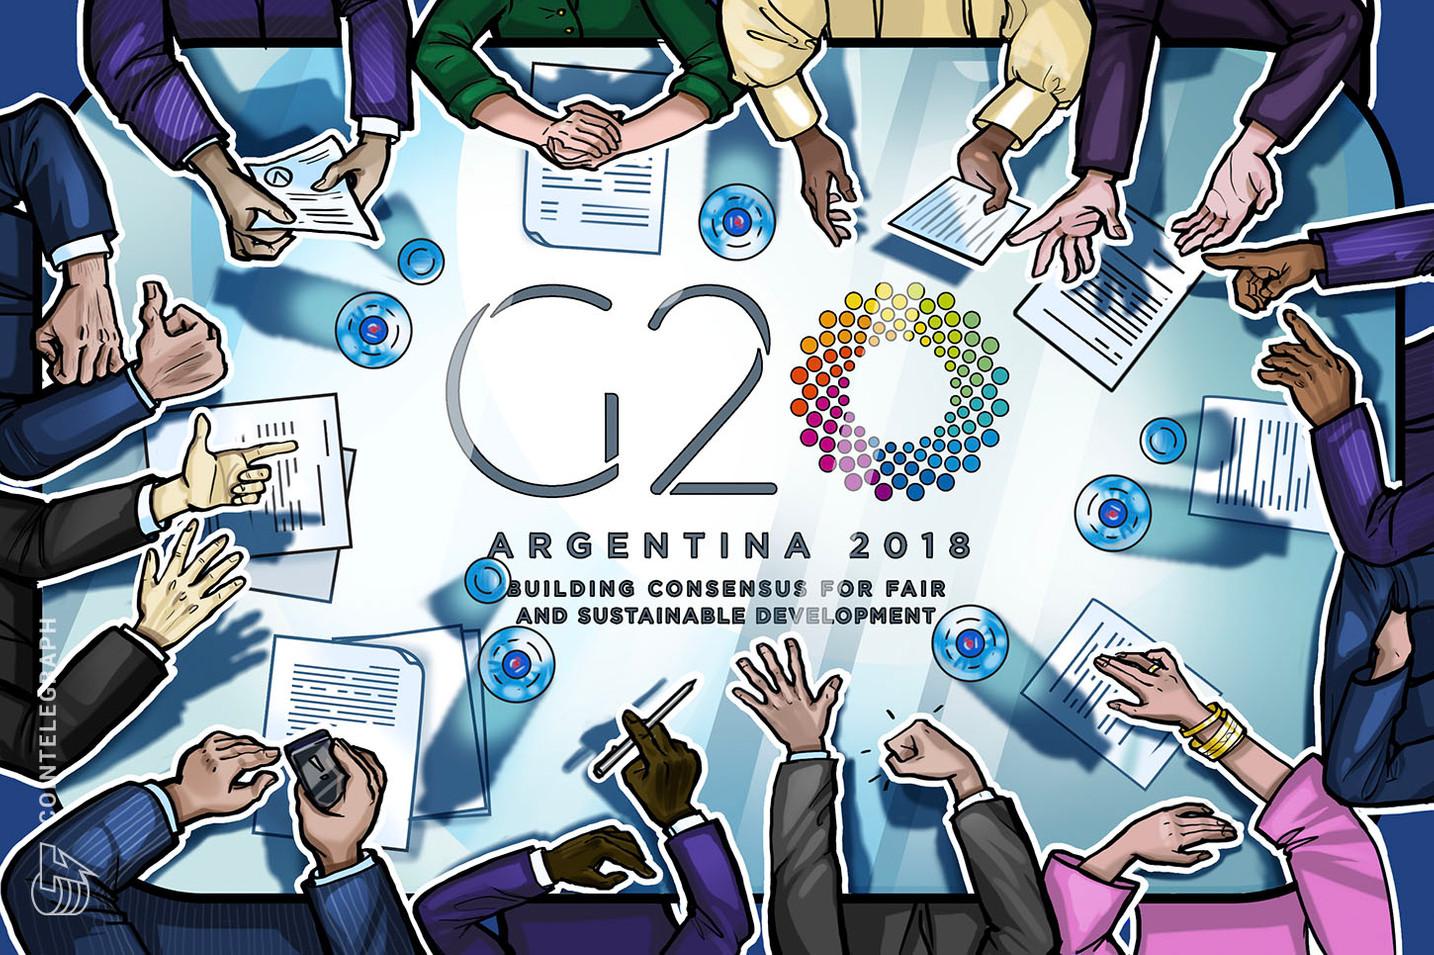 L'intervento del G20 sul settore delle criptovalute è stato rimandato ad ottobre